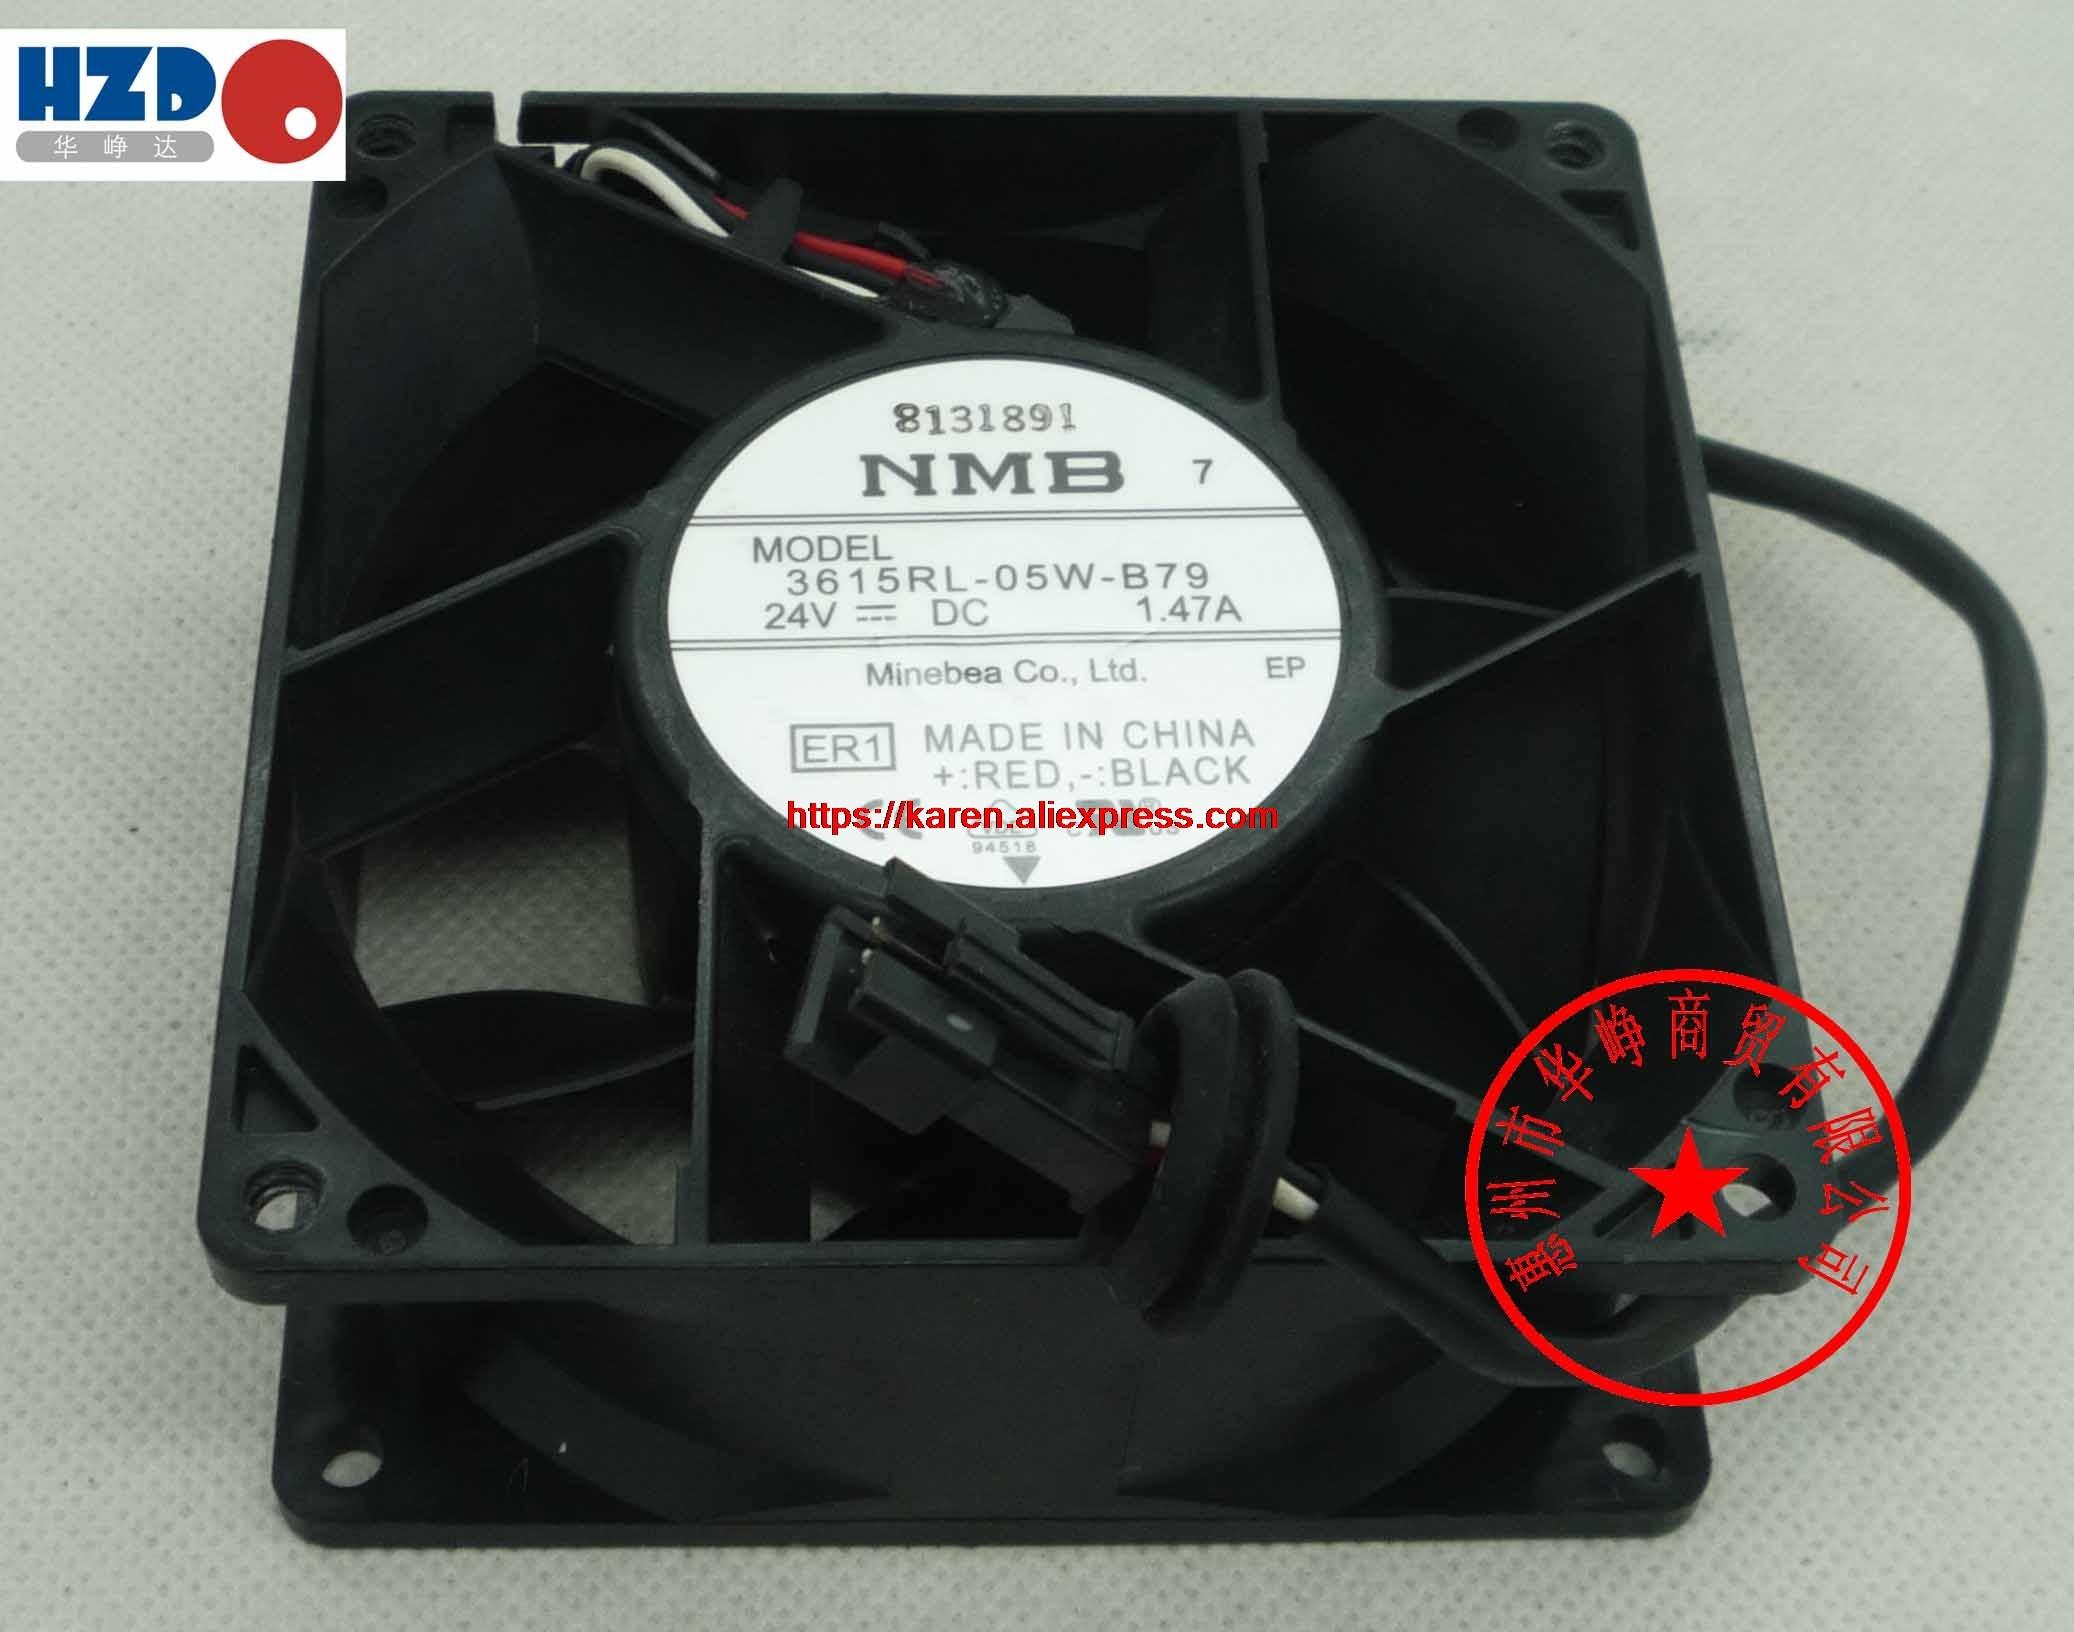 NMB 9238 24V 3615RL-05W-B30 0.53A 3615RL-05W-B50 0.93A 3615RL-05W-B79 1.47A CNDC24Z4P-977 12CM 12308 24v 10W 3wire Cooling Fan<br>